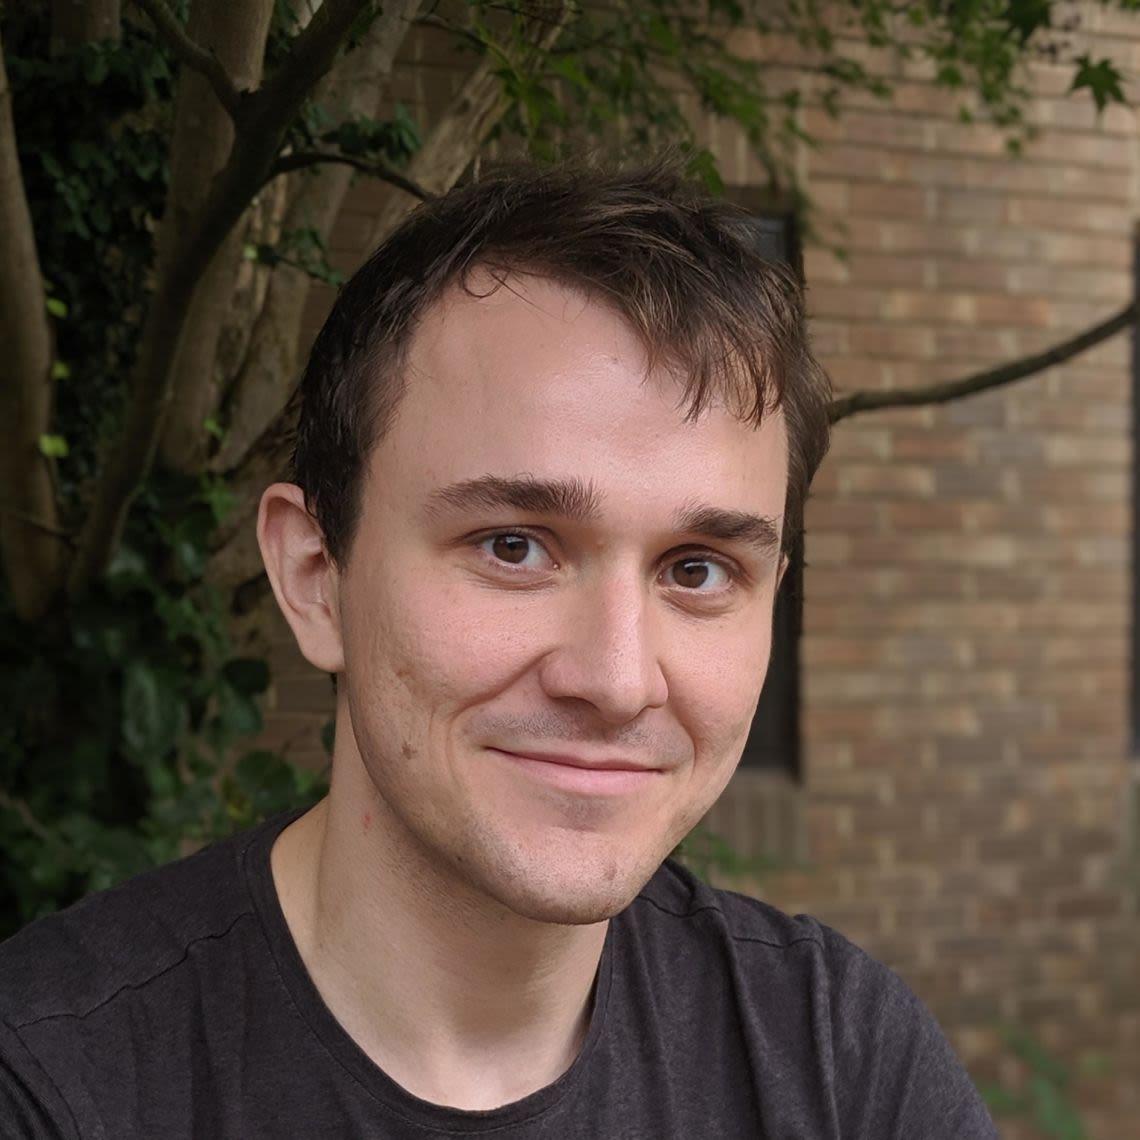 Edward Jacobs headshot